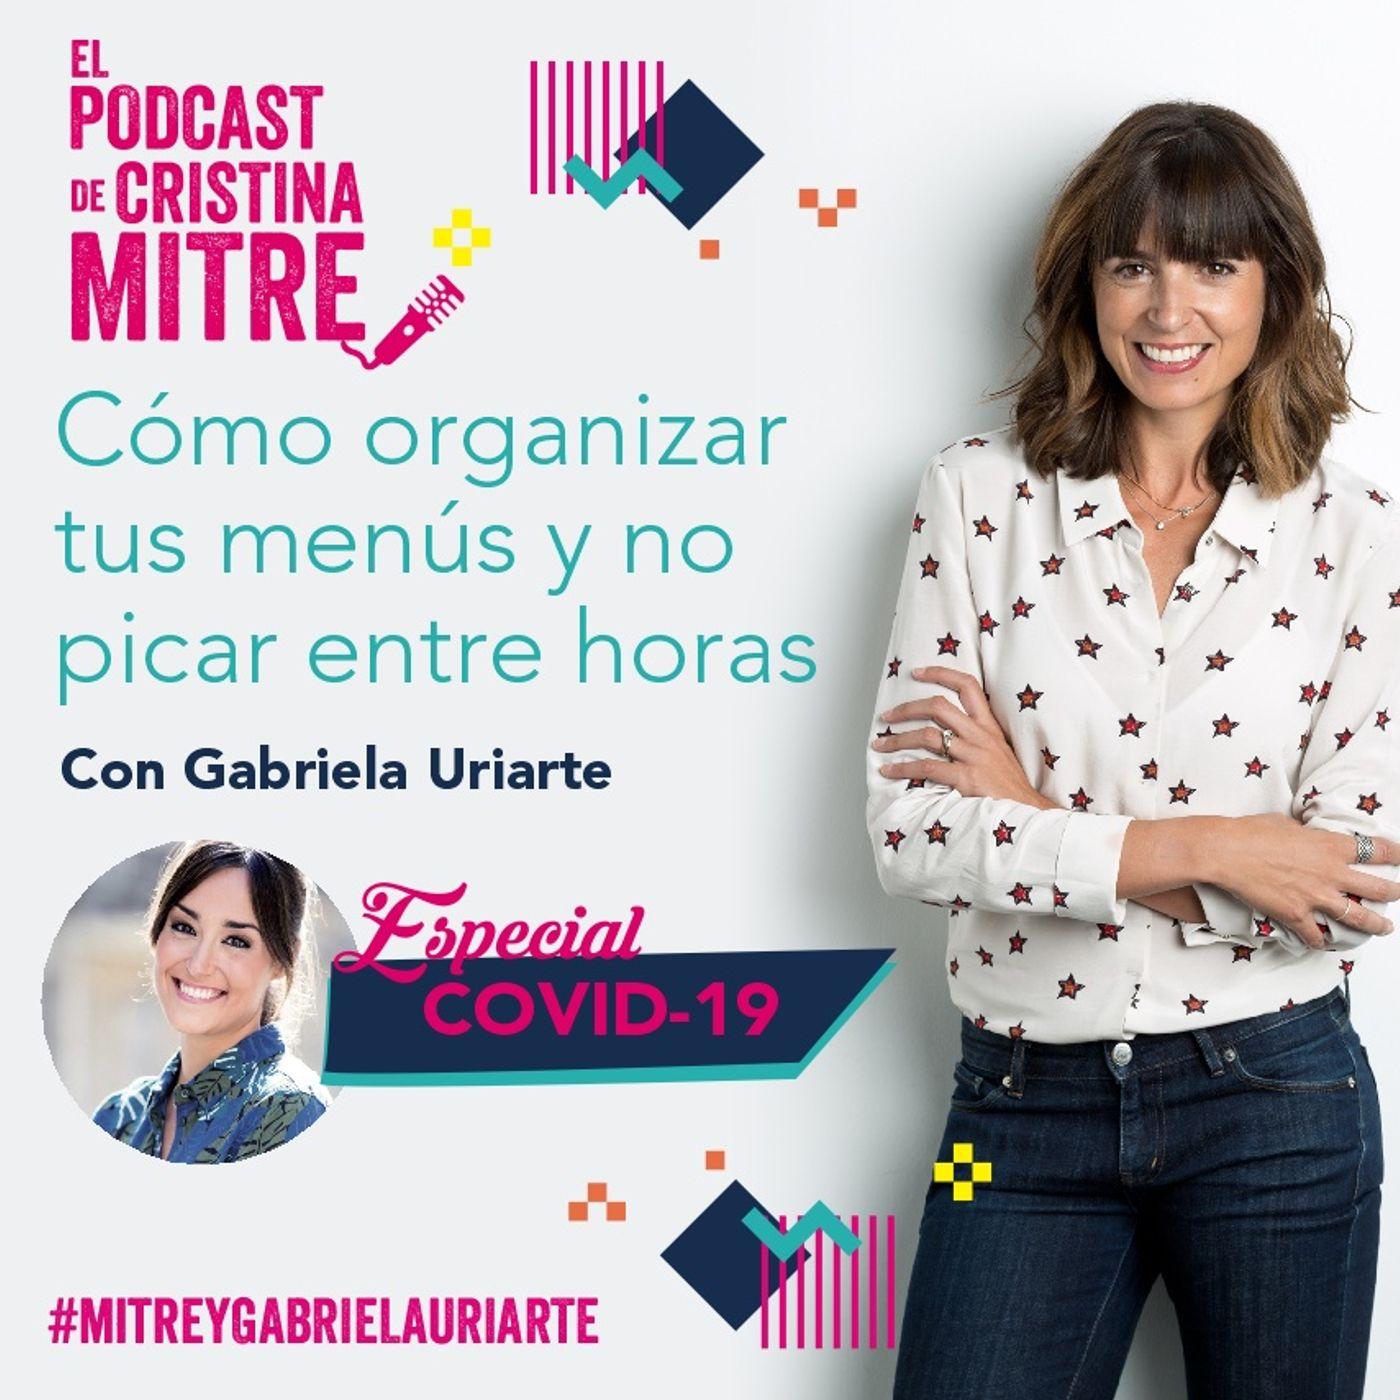 Cómo organizar tus comidas y no picar entre horas con Gabriela Uriarte. Especial COVID-19